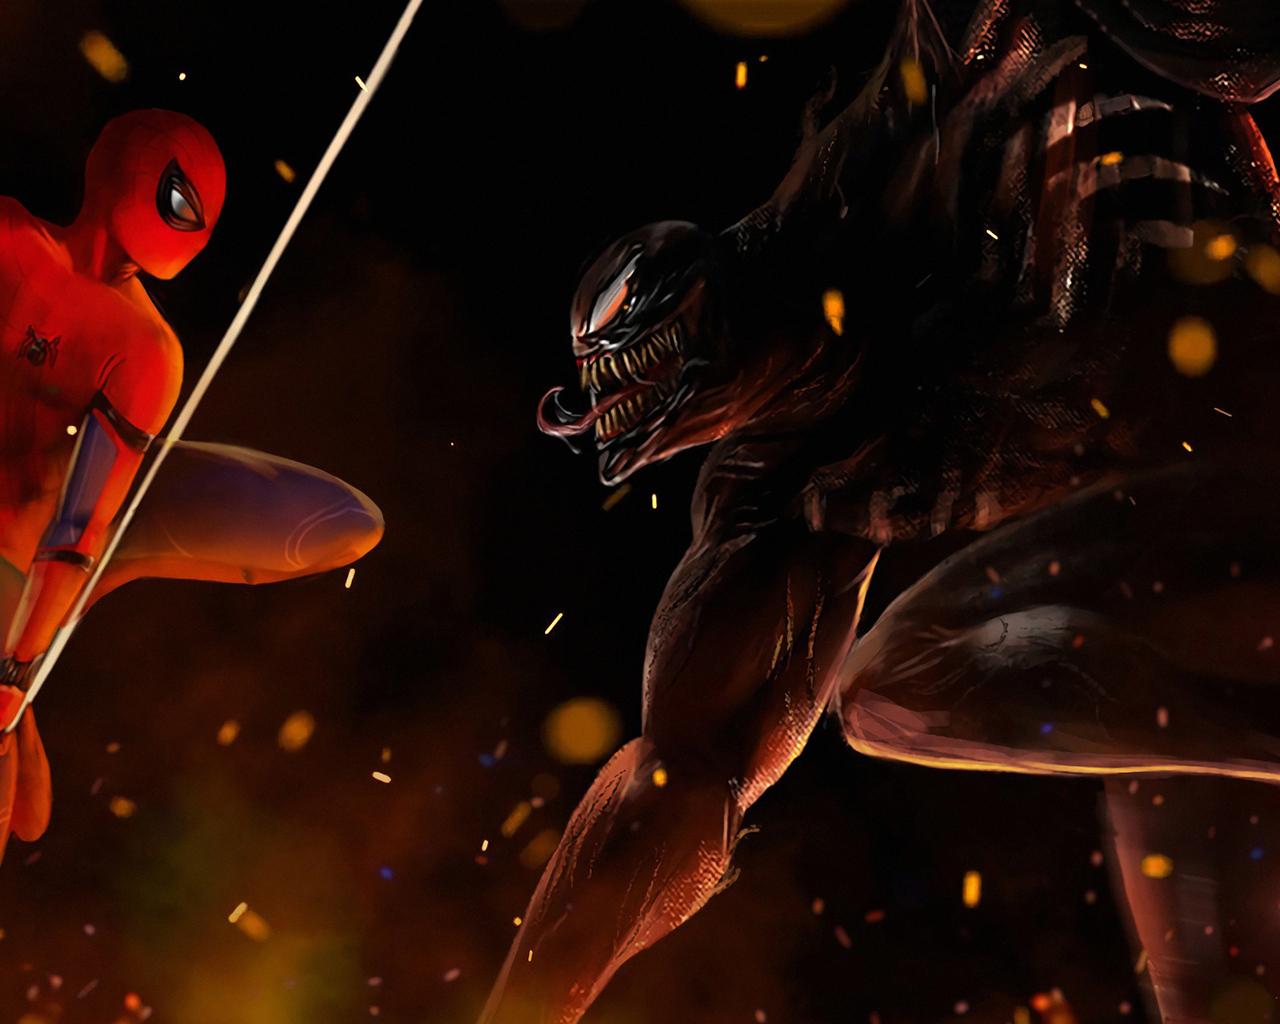 spiderman-vs-venomart-fn.jpg